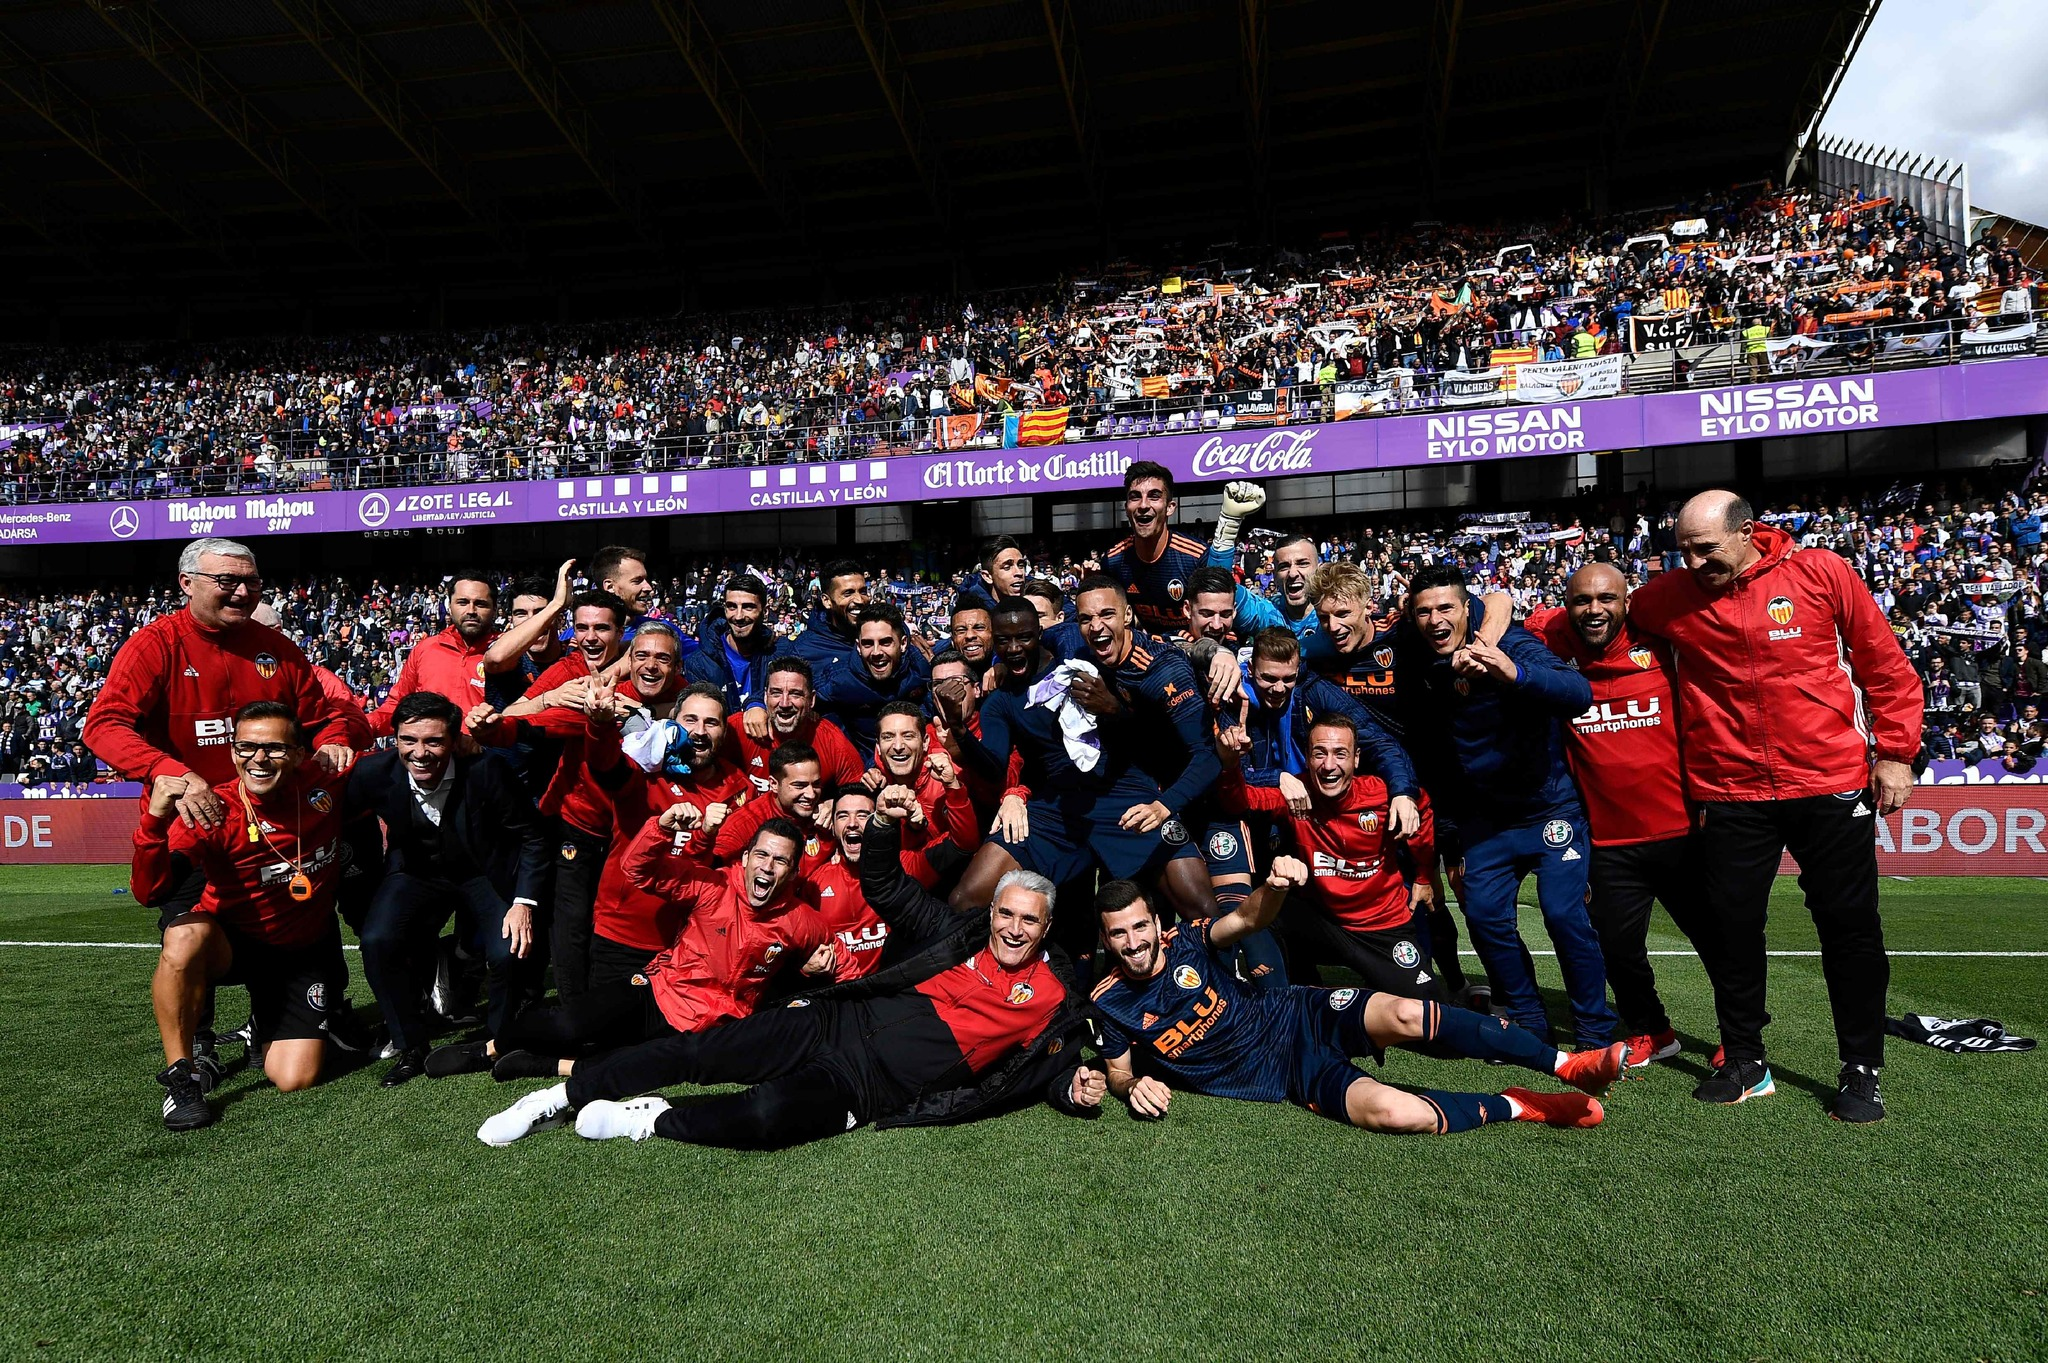 Los jugadores y el cuerpo técnico del Valencia celebran su clasificación para la próxima edición de la Champions League en Zorrilla